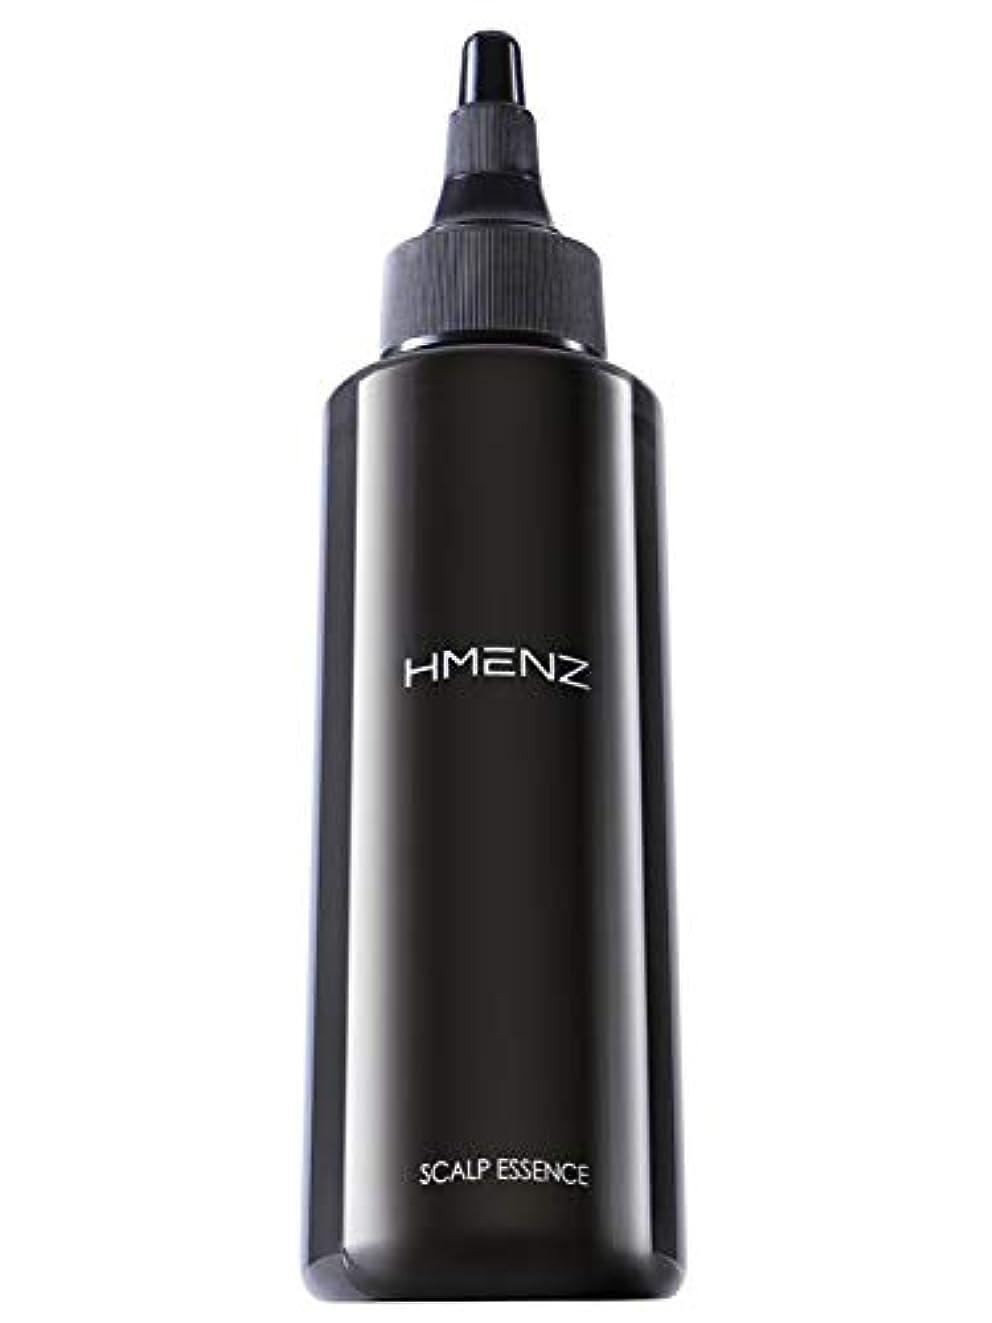 ご注意転送決定的医薬部外品 HMENZ メンズ 育毛剤 スカルプエッセンス 毛髪エイジングケアシリーズ 和漢根 海藻配合 育毛トニック 120ml